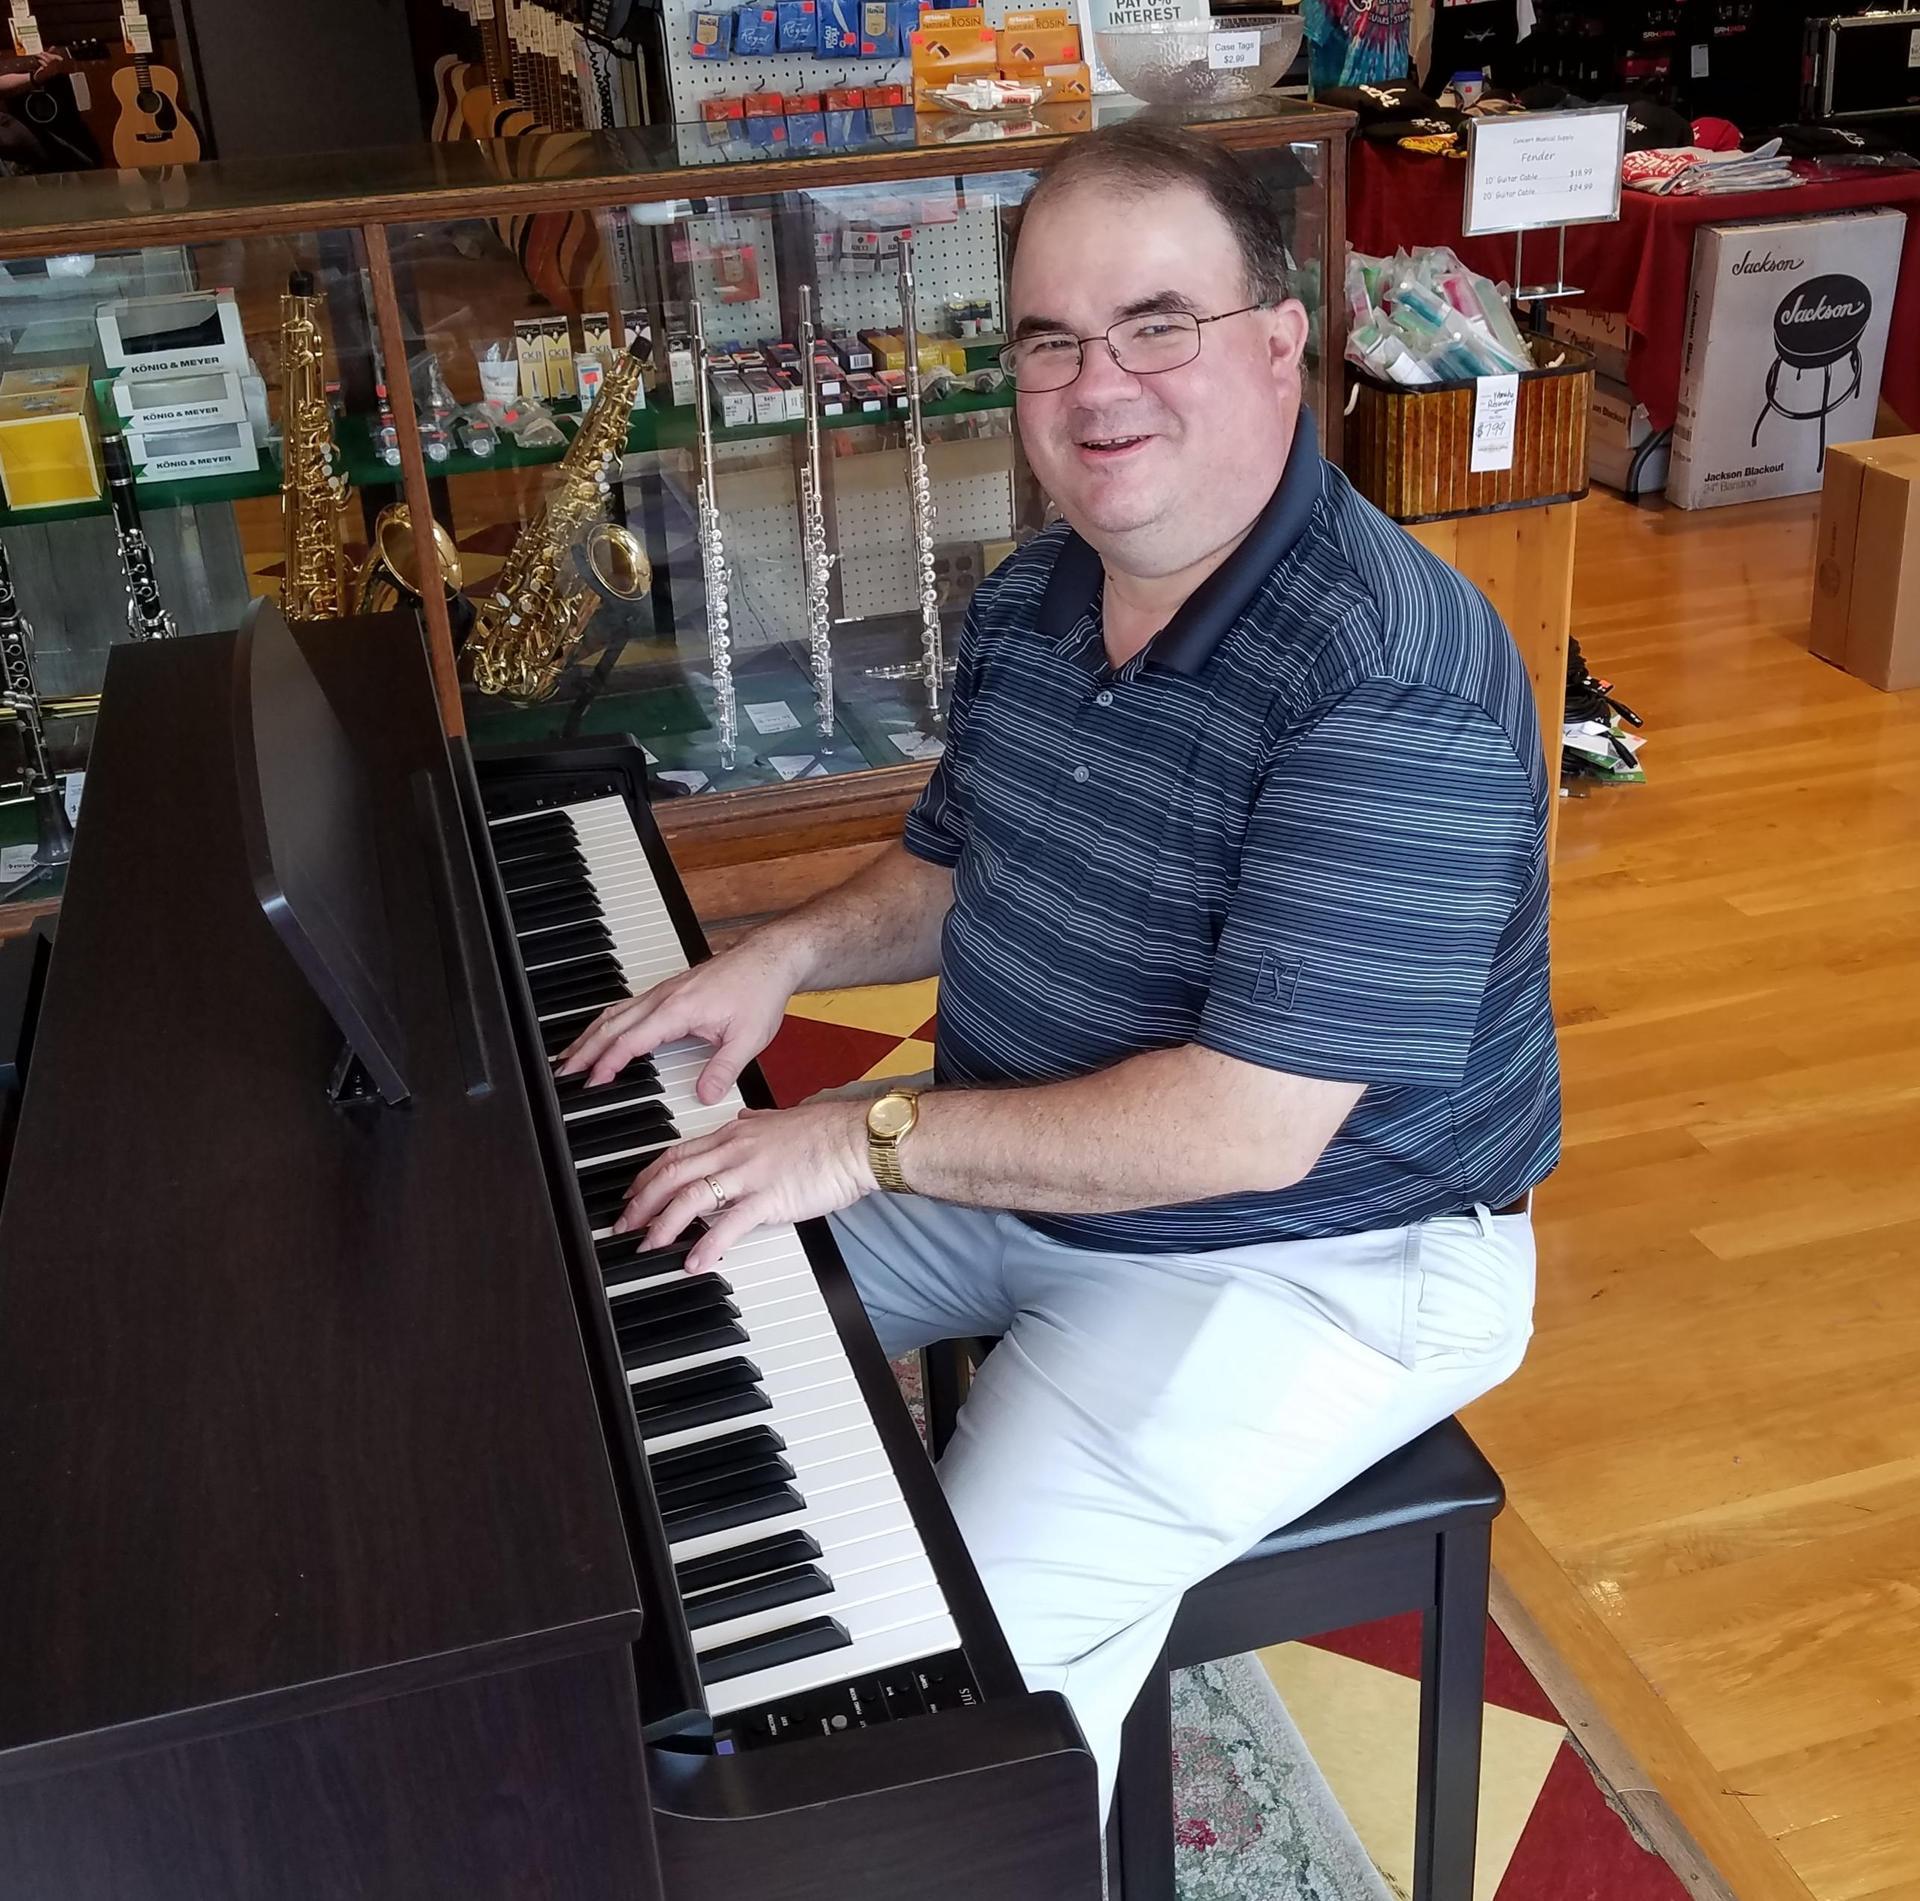 Mr. Hamby at the keyboard